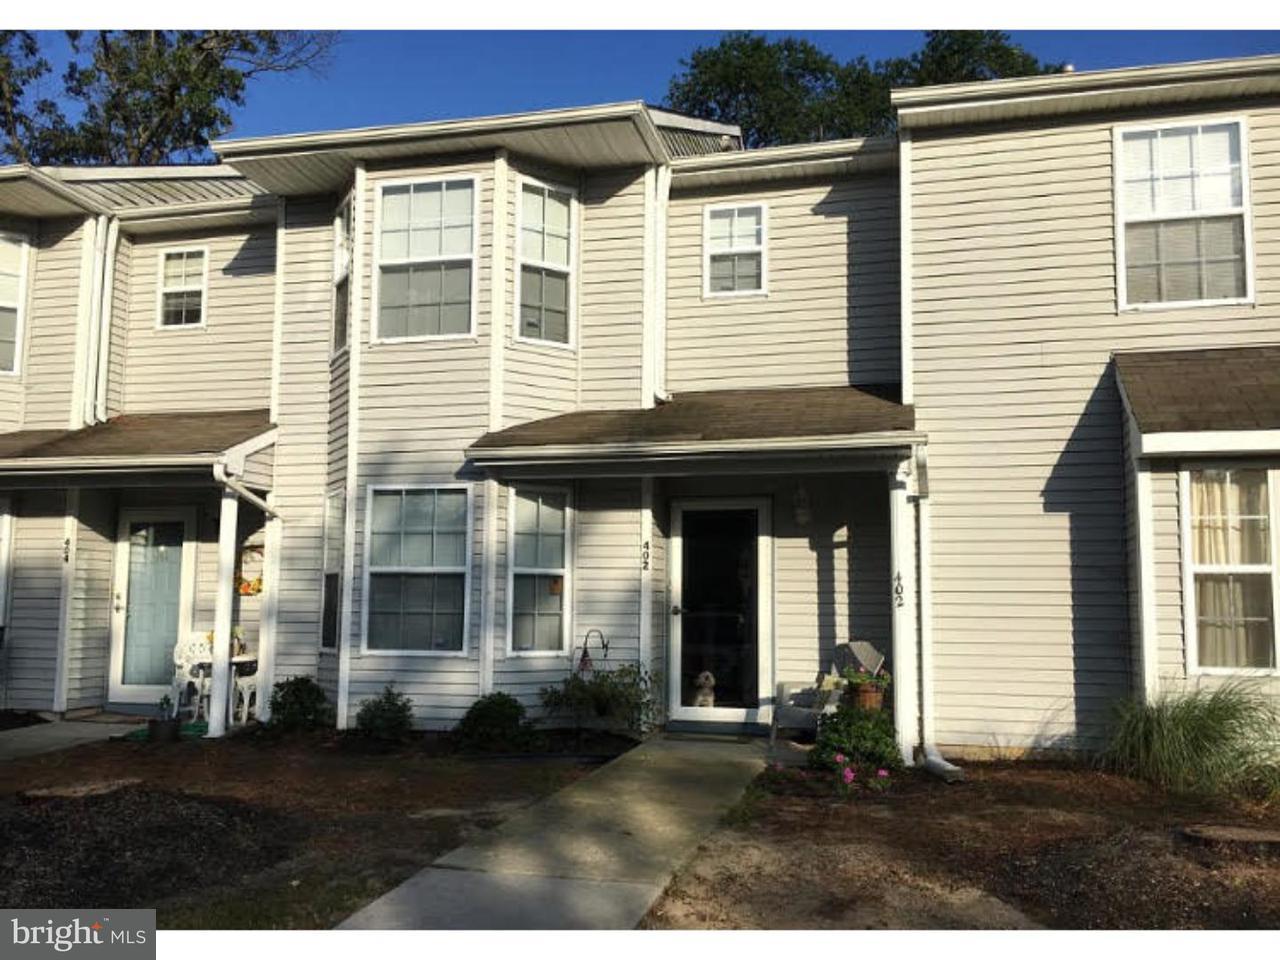 Casa unifamiliar adosada (Townhouse) por un Alquiler en 402 ACCOLON Court Mantua, Nueva Jersey 08051 Estados Unidos